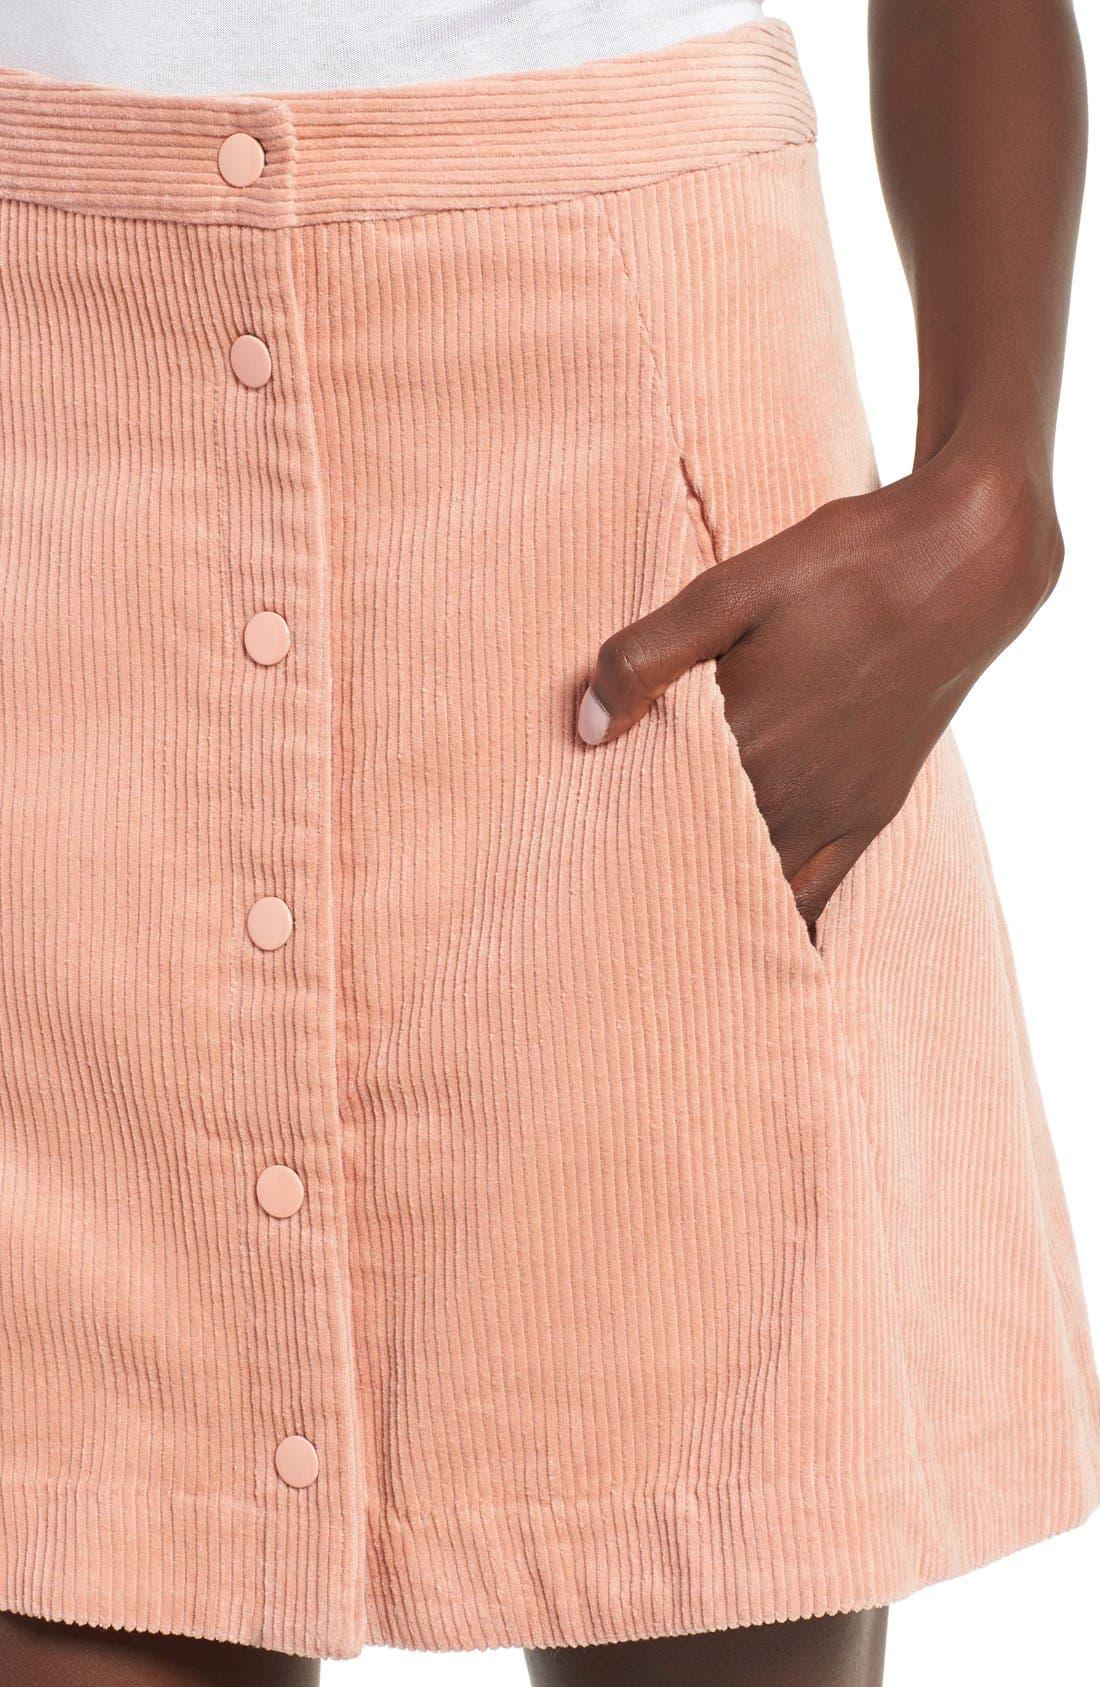 Irene Corduroy Miniskirt,                             Alternate thumbnail 5, color,                             650